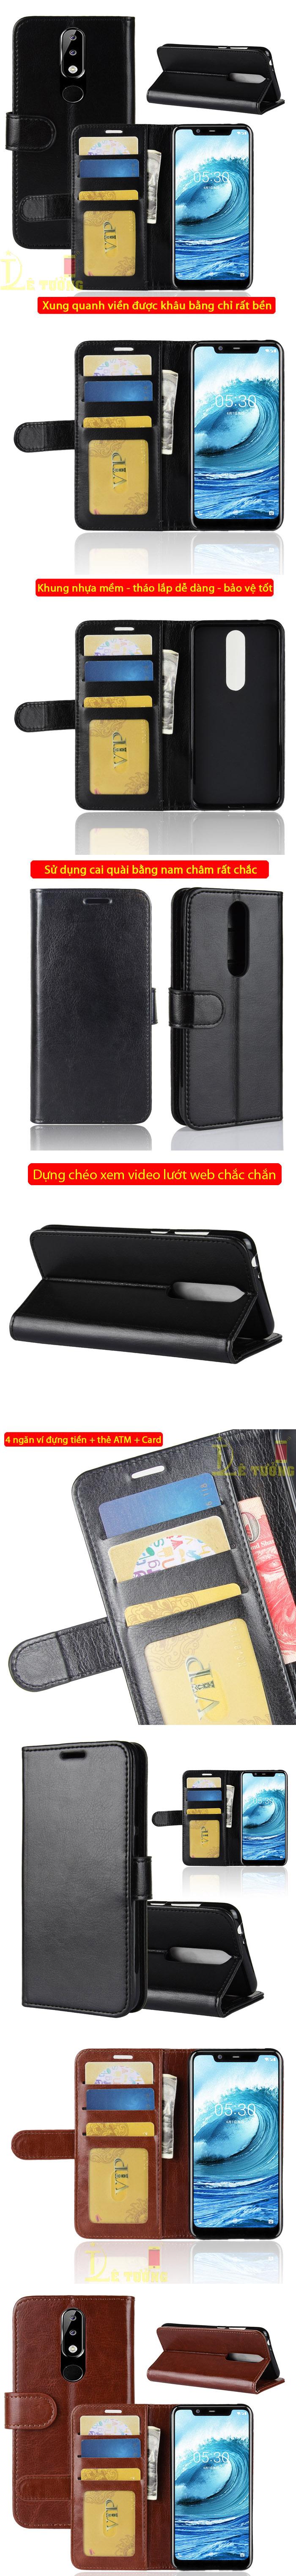 Bao da Nokia X5 LT Wallet Leather dạng ví đa năng - khung mềm 4